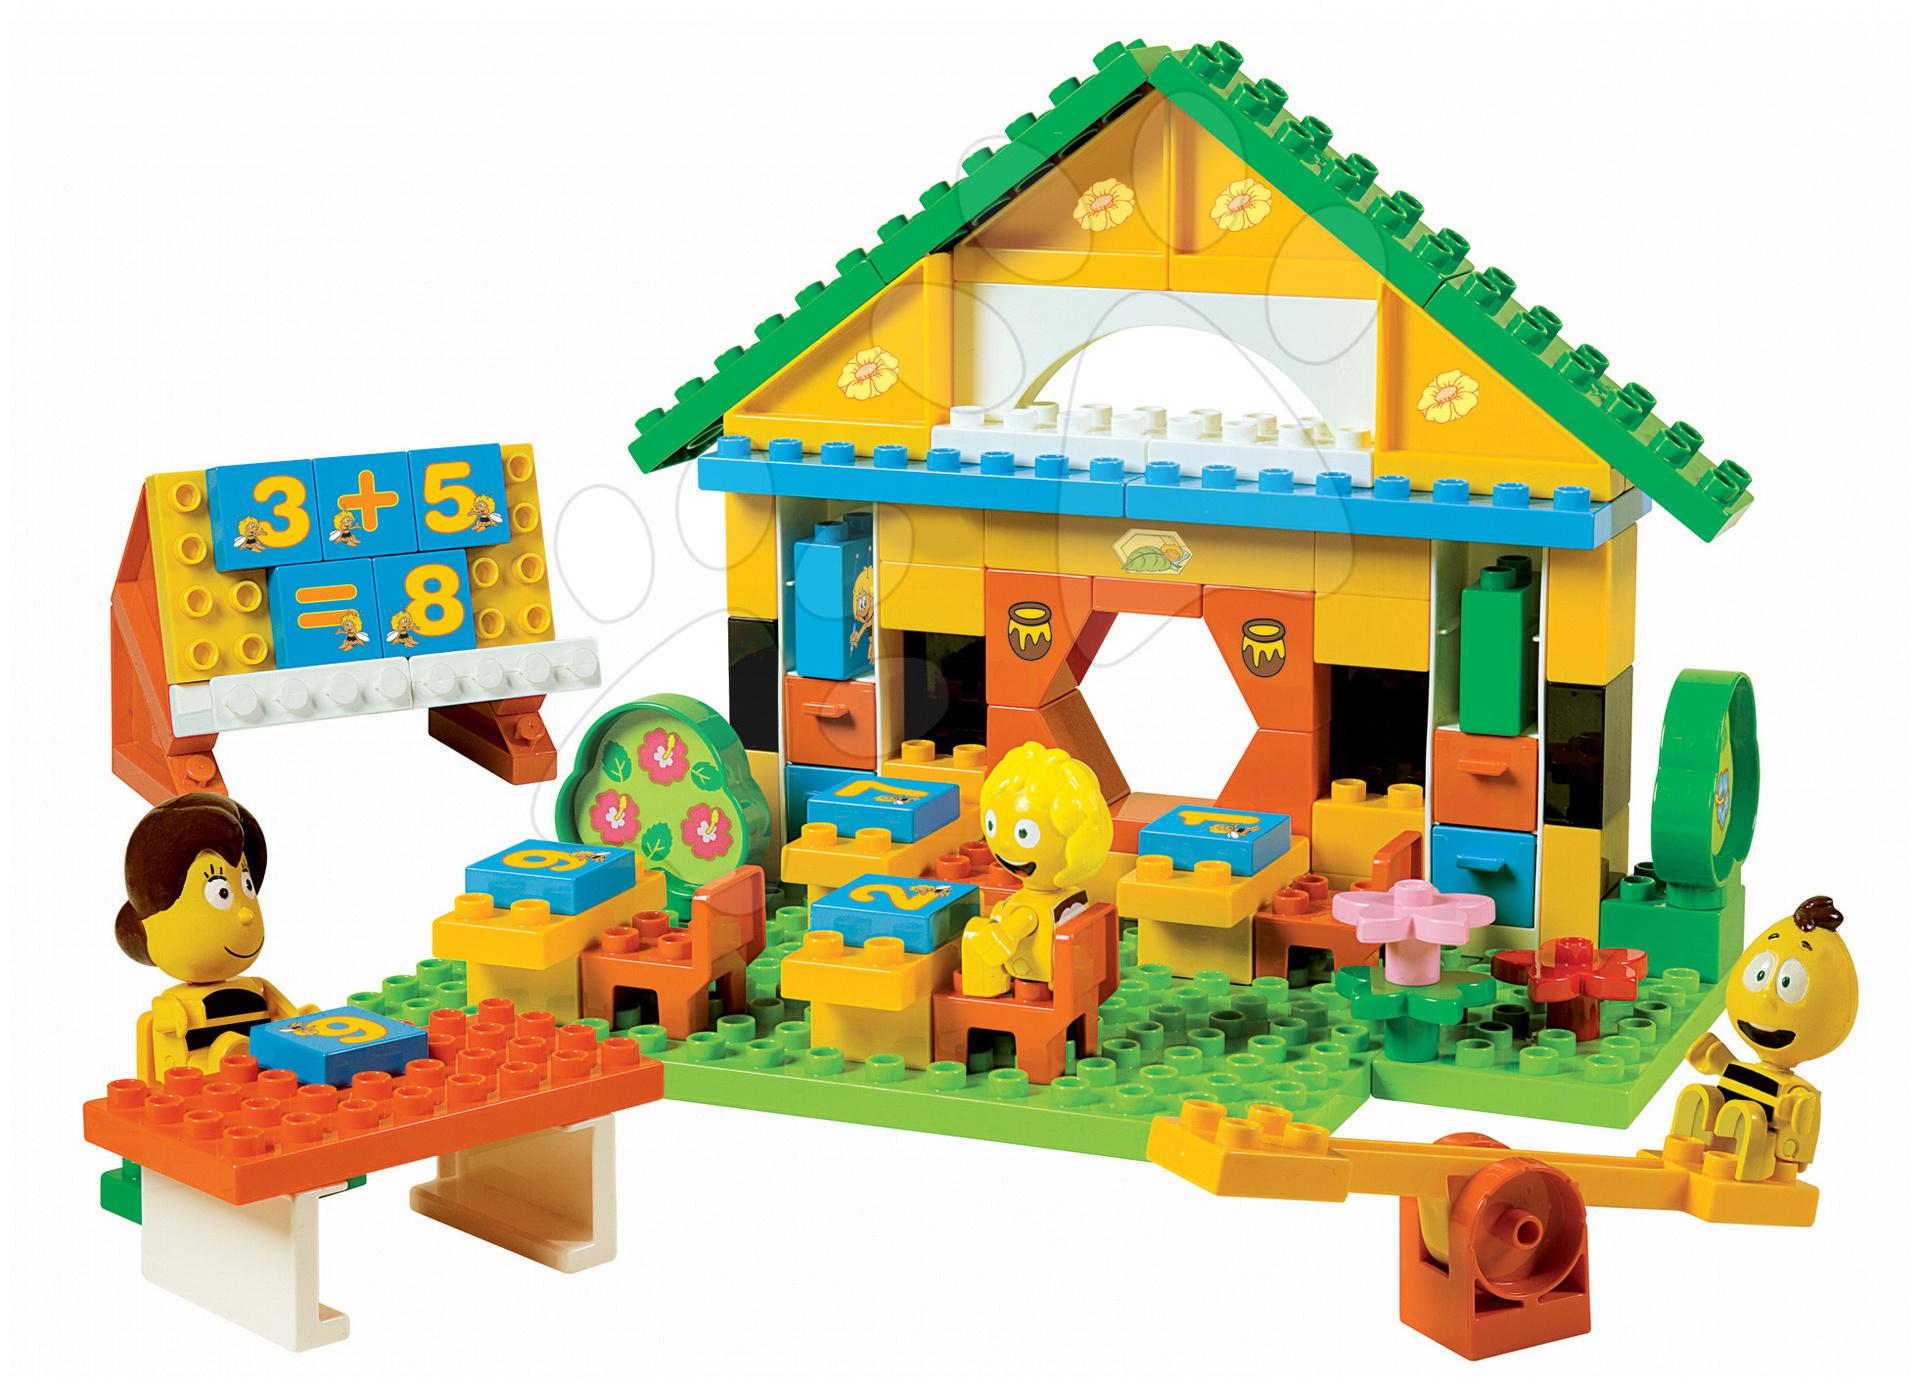 Stavebnice BIG-Bloxx ako lego - Stavebnica PlayBIG Bloxx BIG Včielka Maja v škole s 3 figúrkami 100 dielov od 18 mes